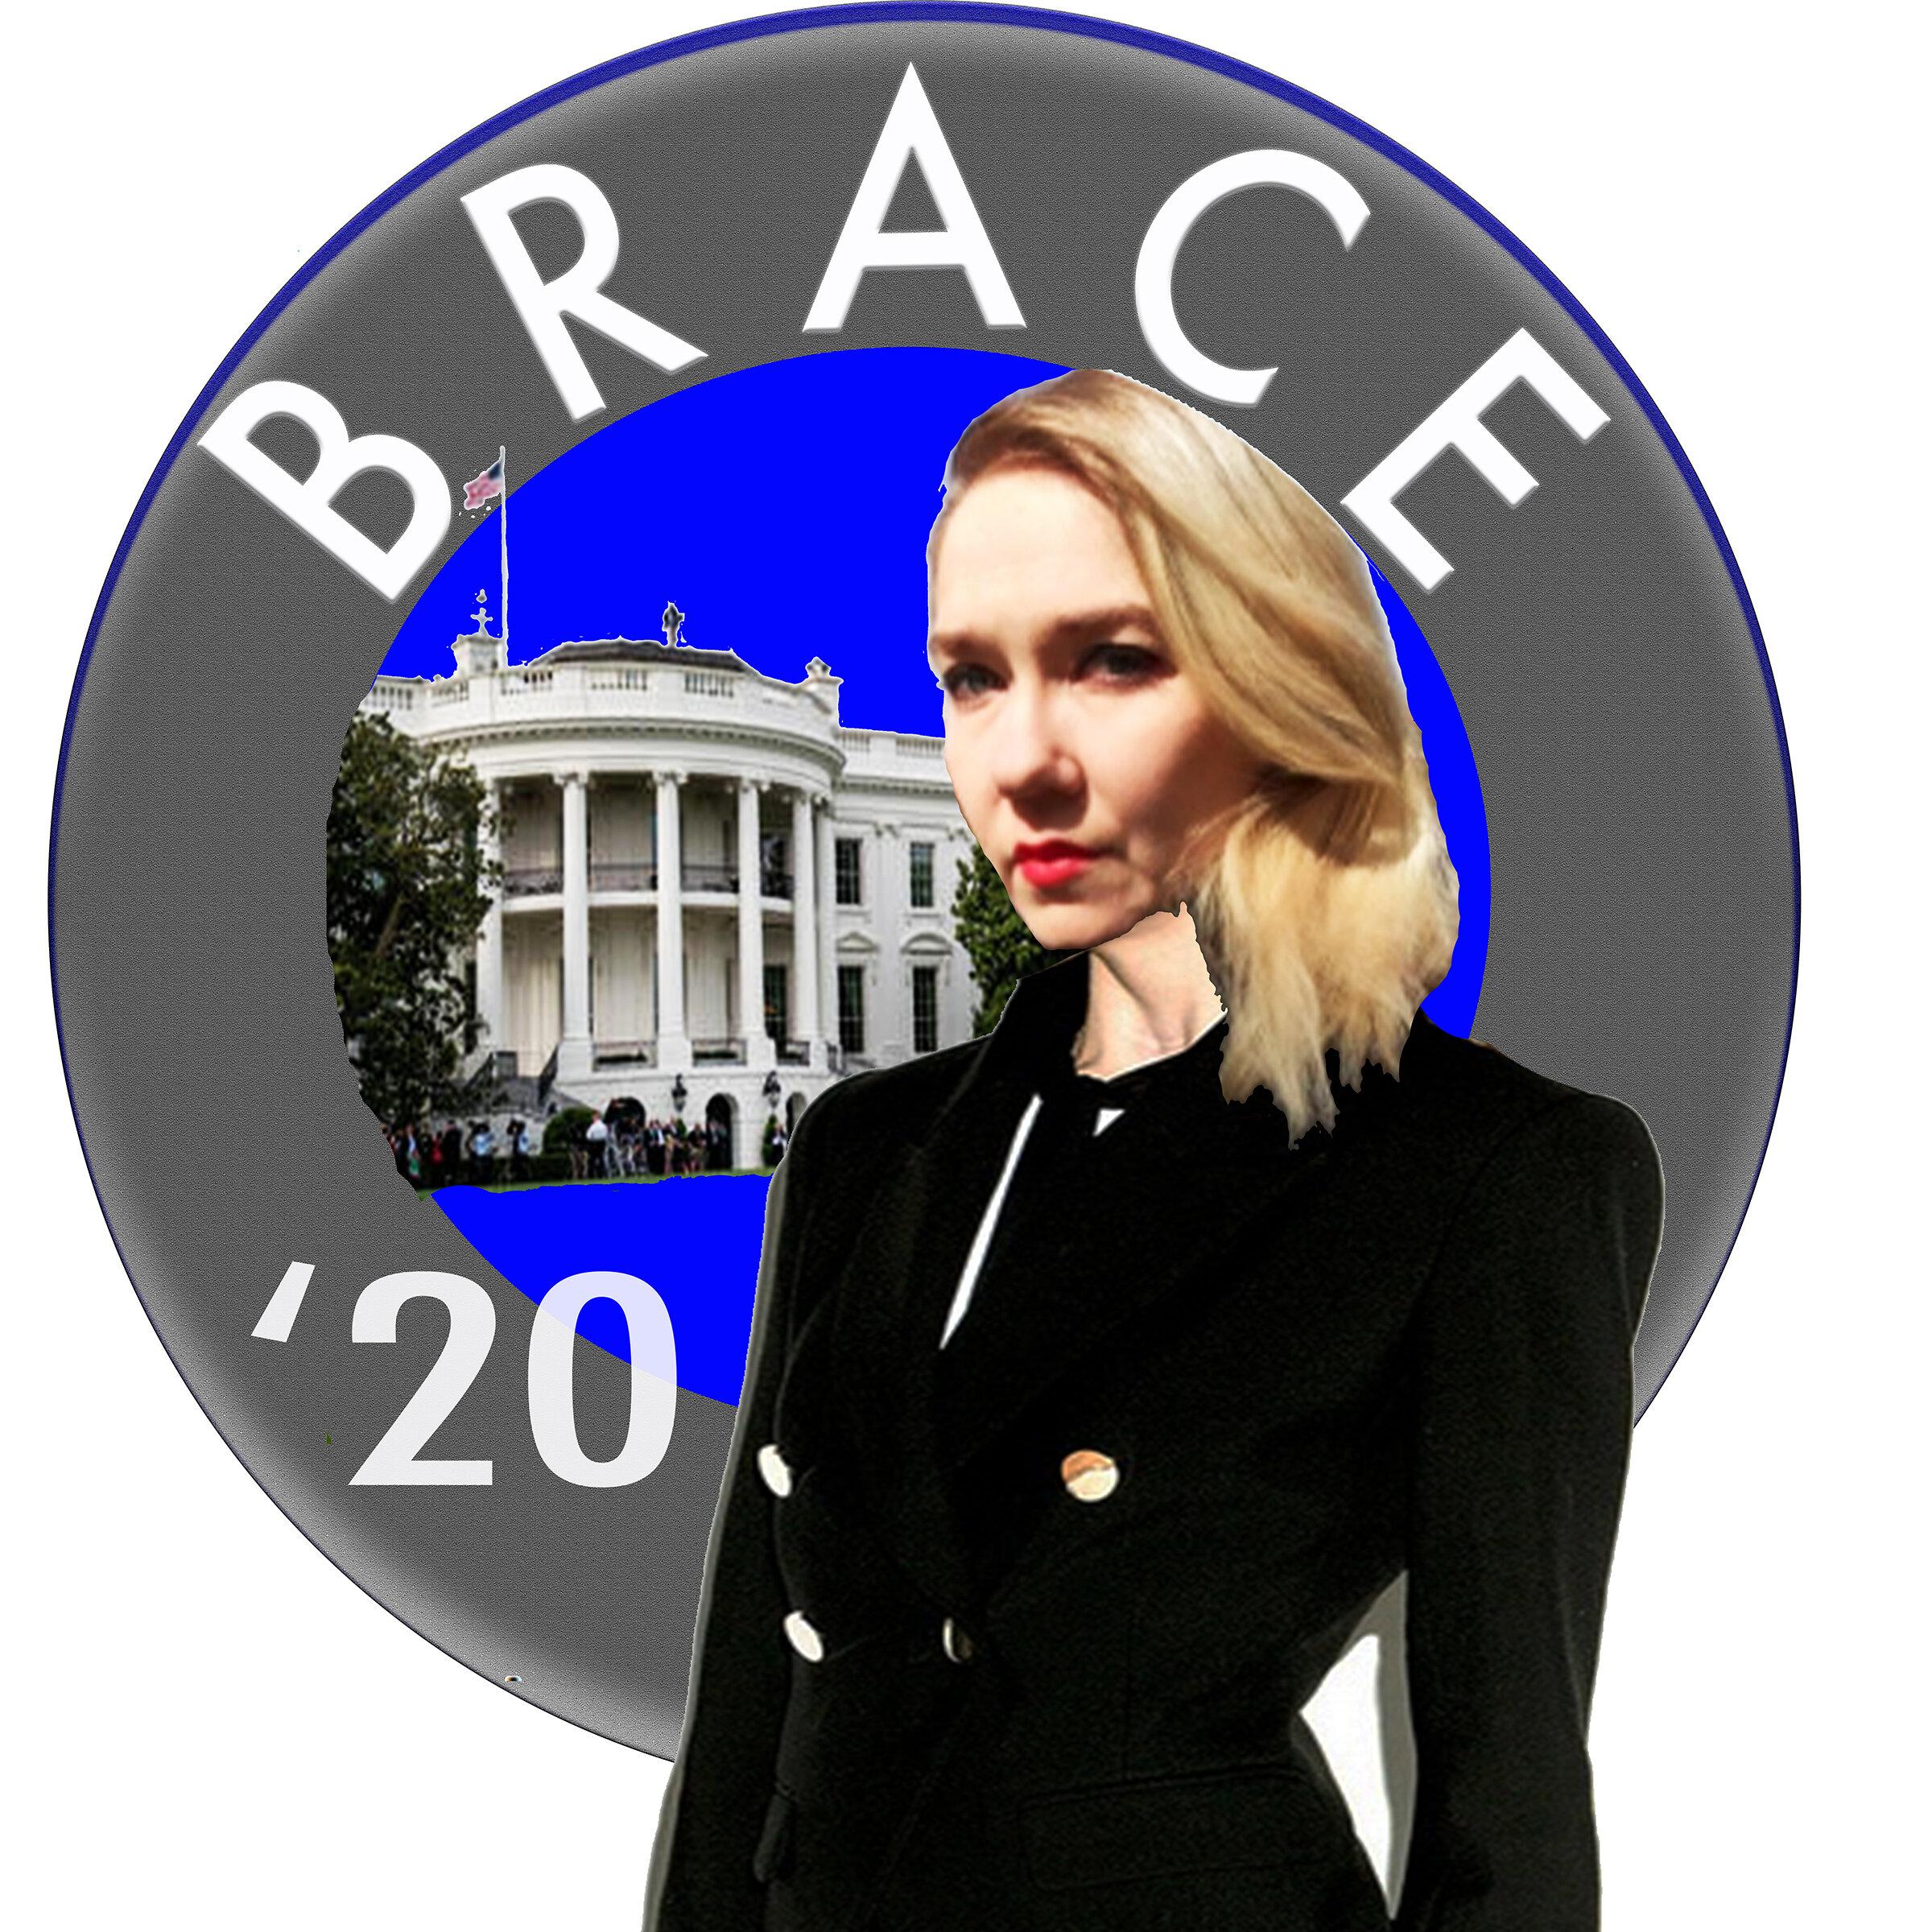 BRACE2020.jpg